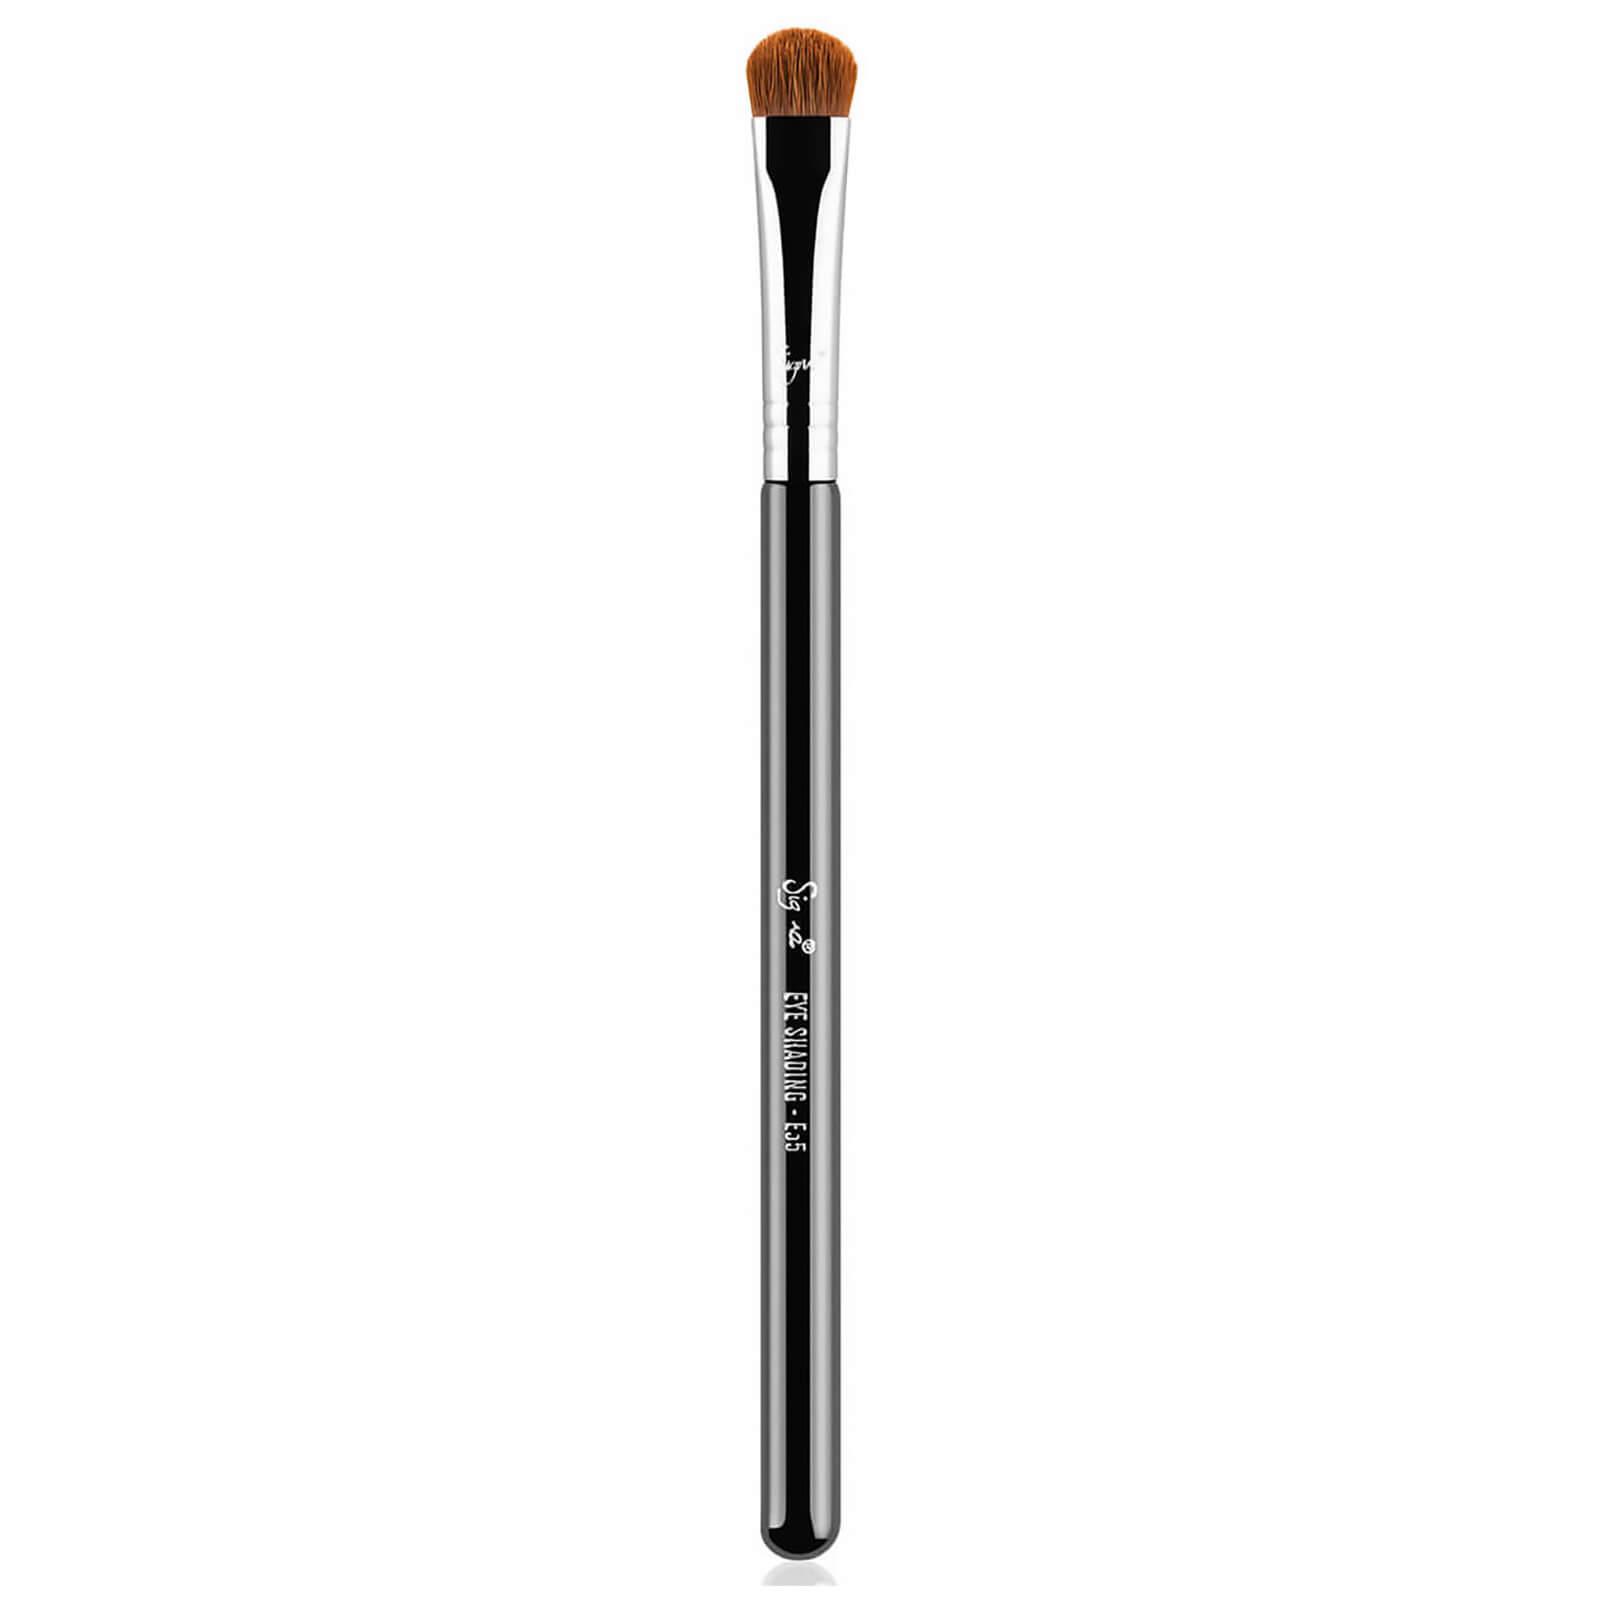 Купить Кисть для нанесения теней для век Sigma E55 Eye Shading Brush